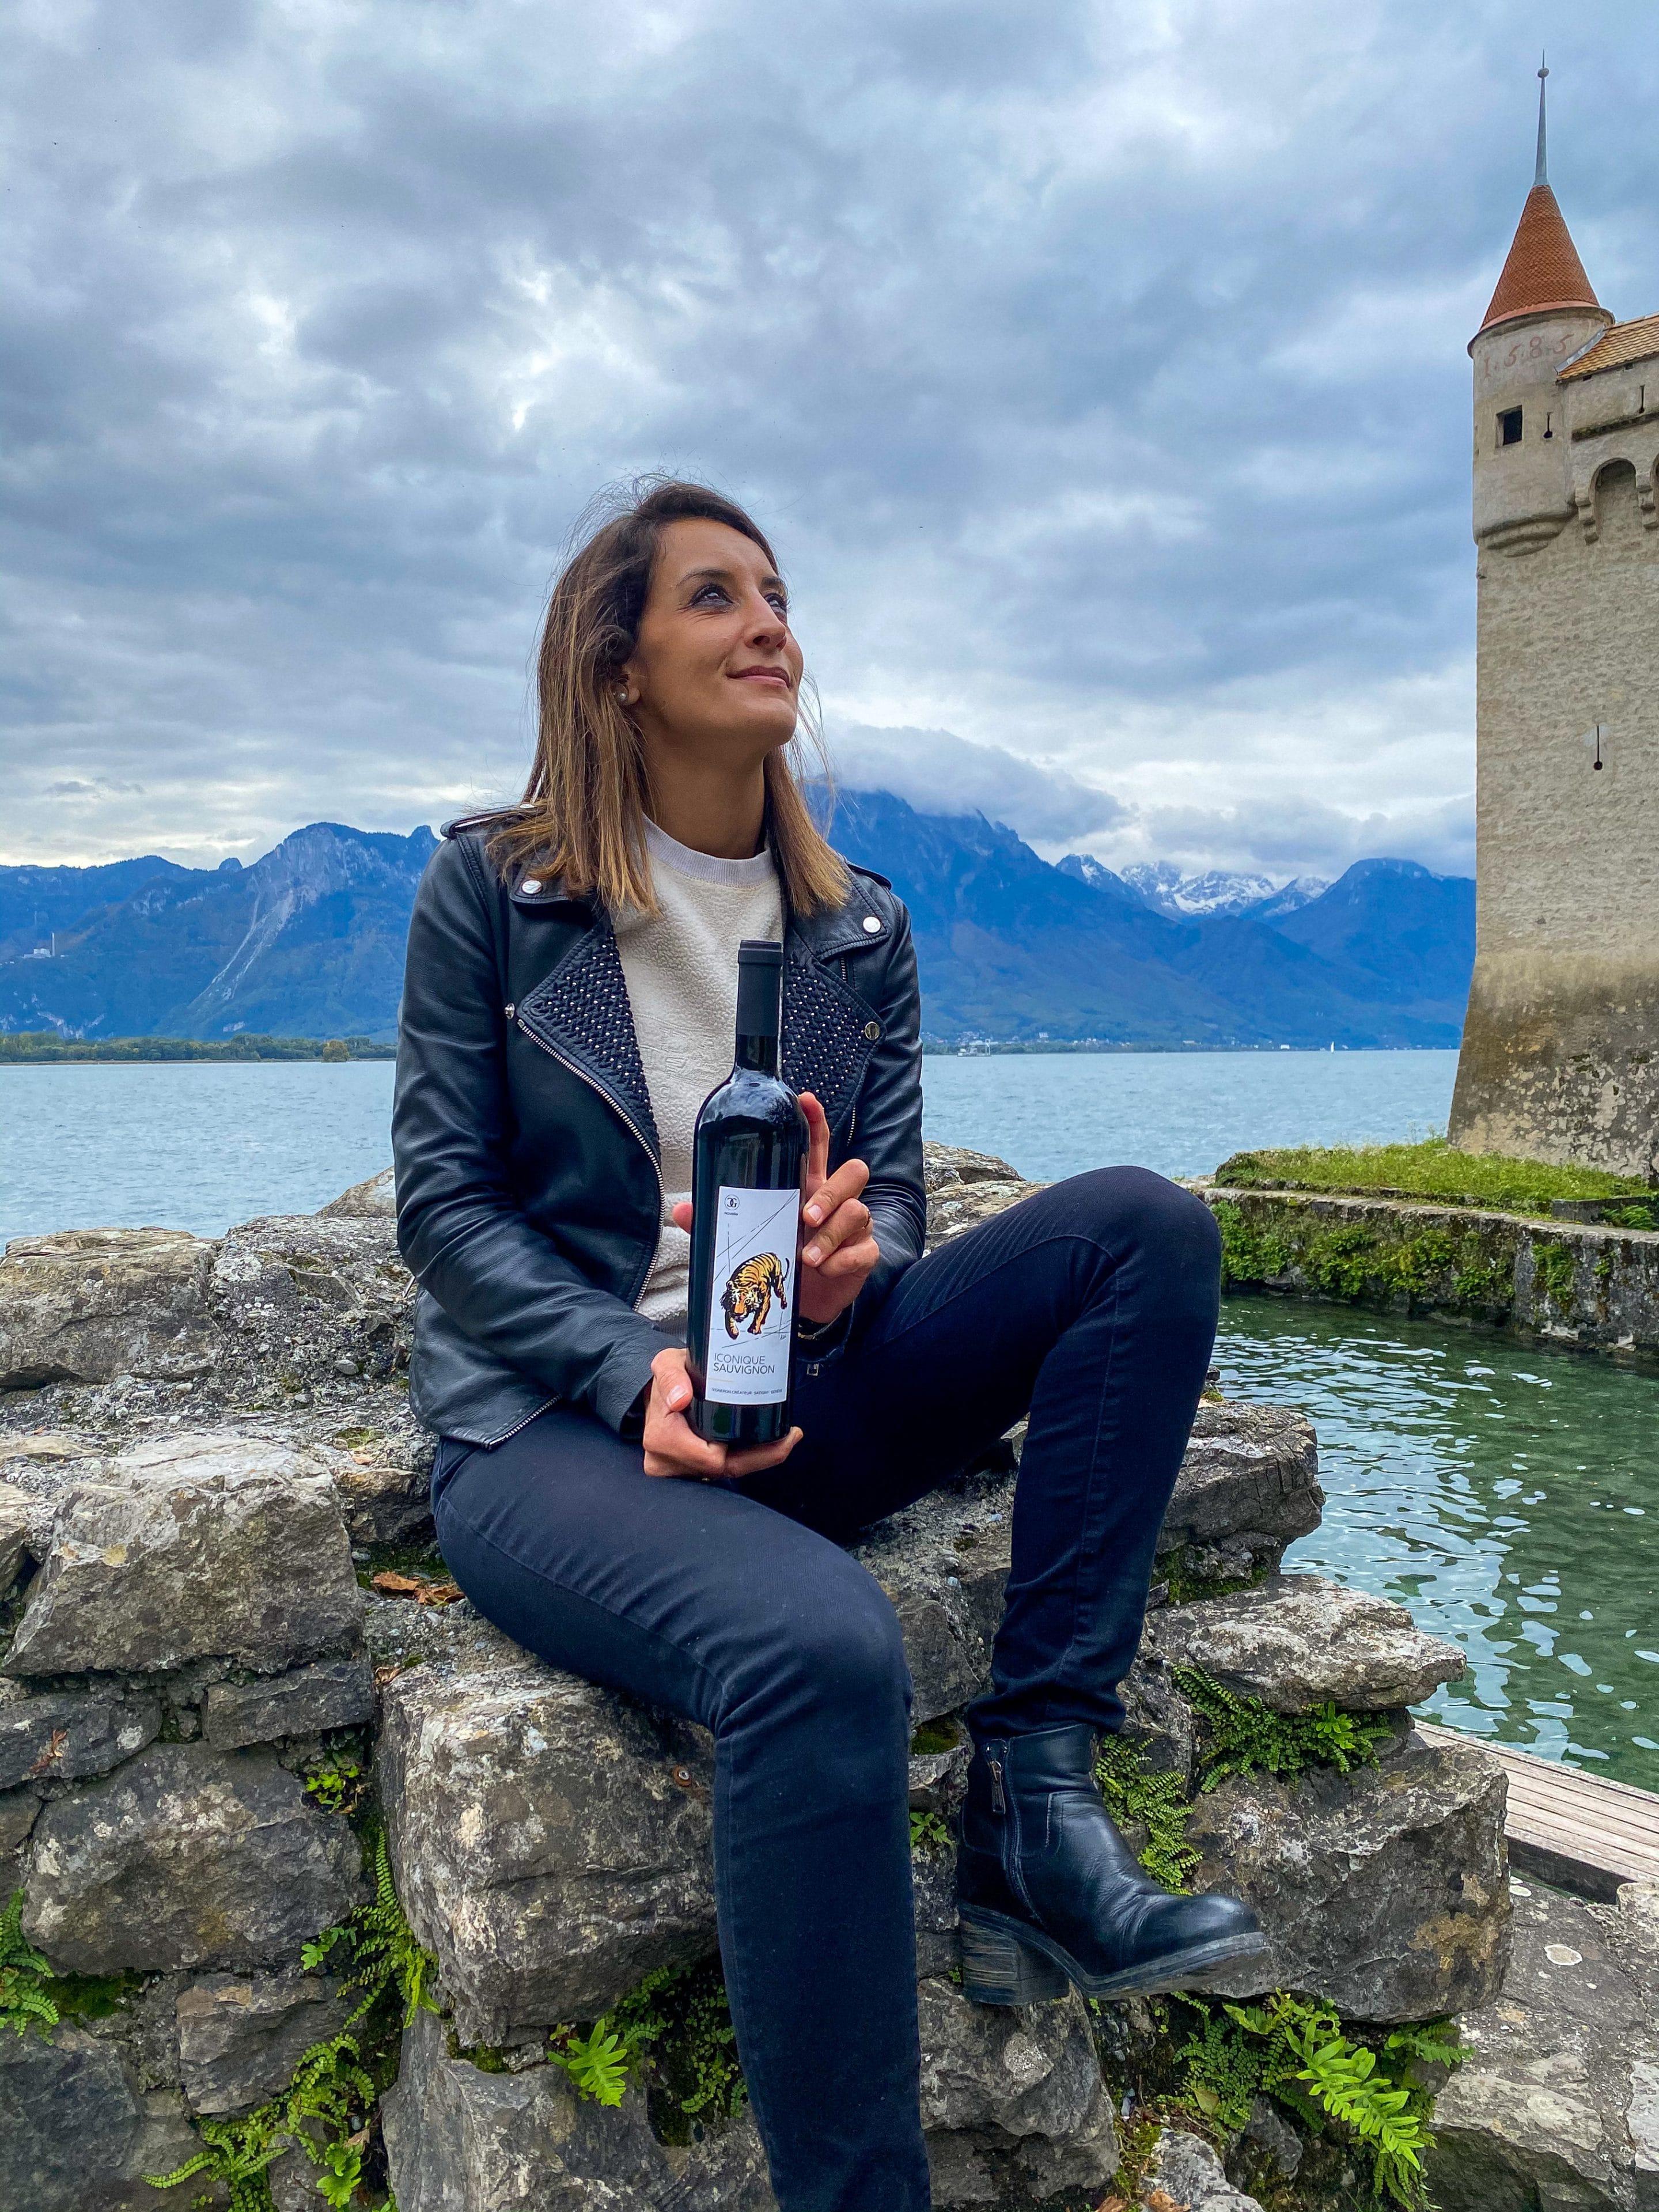 Les vins genevois dans toutes leurs splendeurs avec ma rencontre du Domaine Novelle – Le Grand Clos